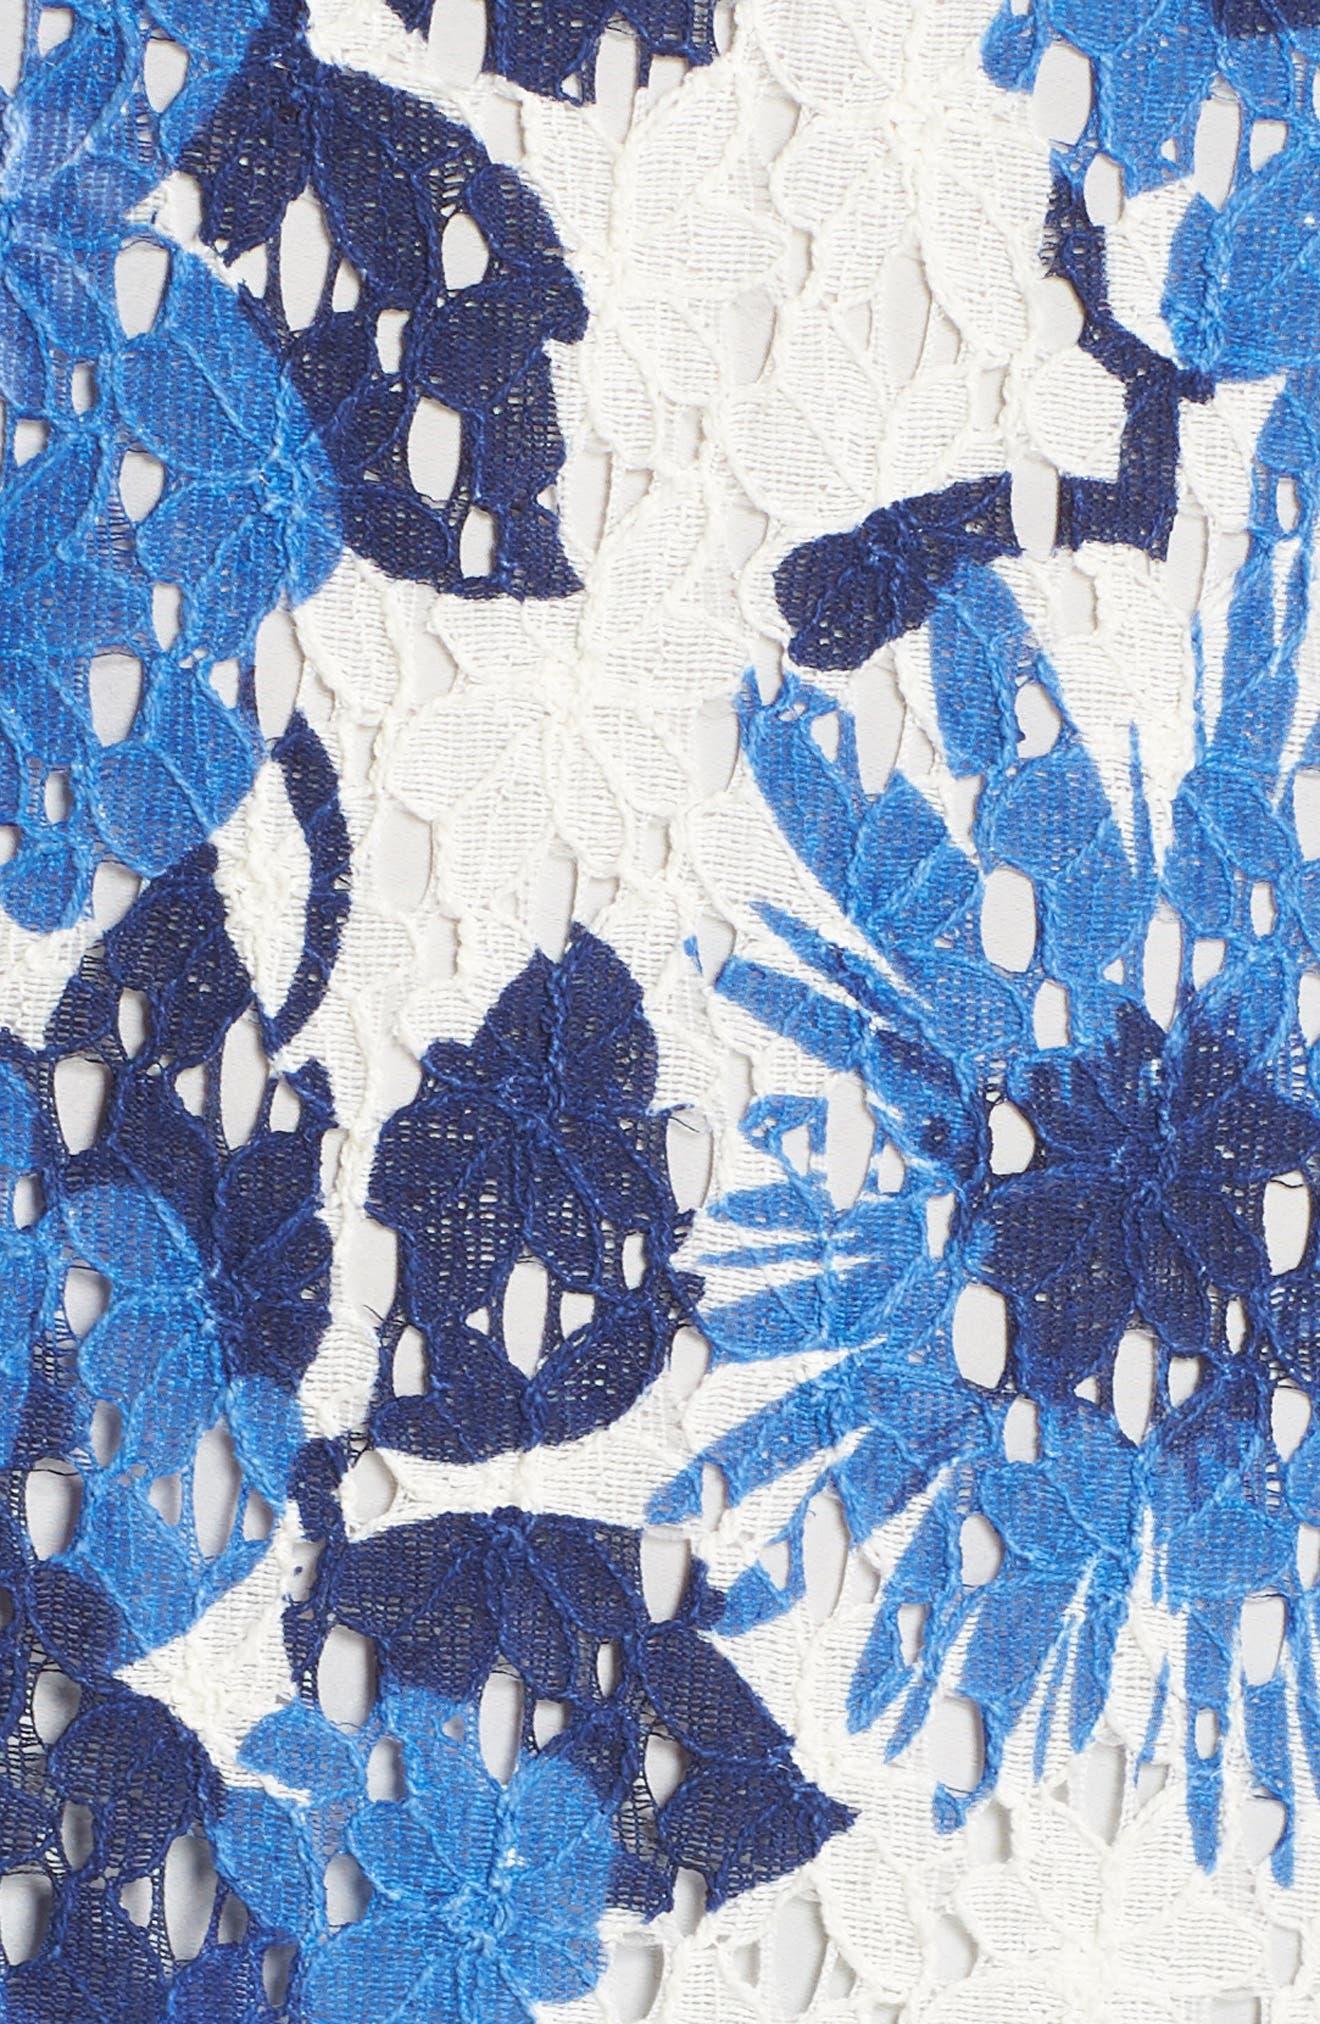 La Costa Print Ruffle Hem Lace Dress,                             Alternate thumbnail 5, color,                             MULTI